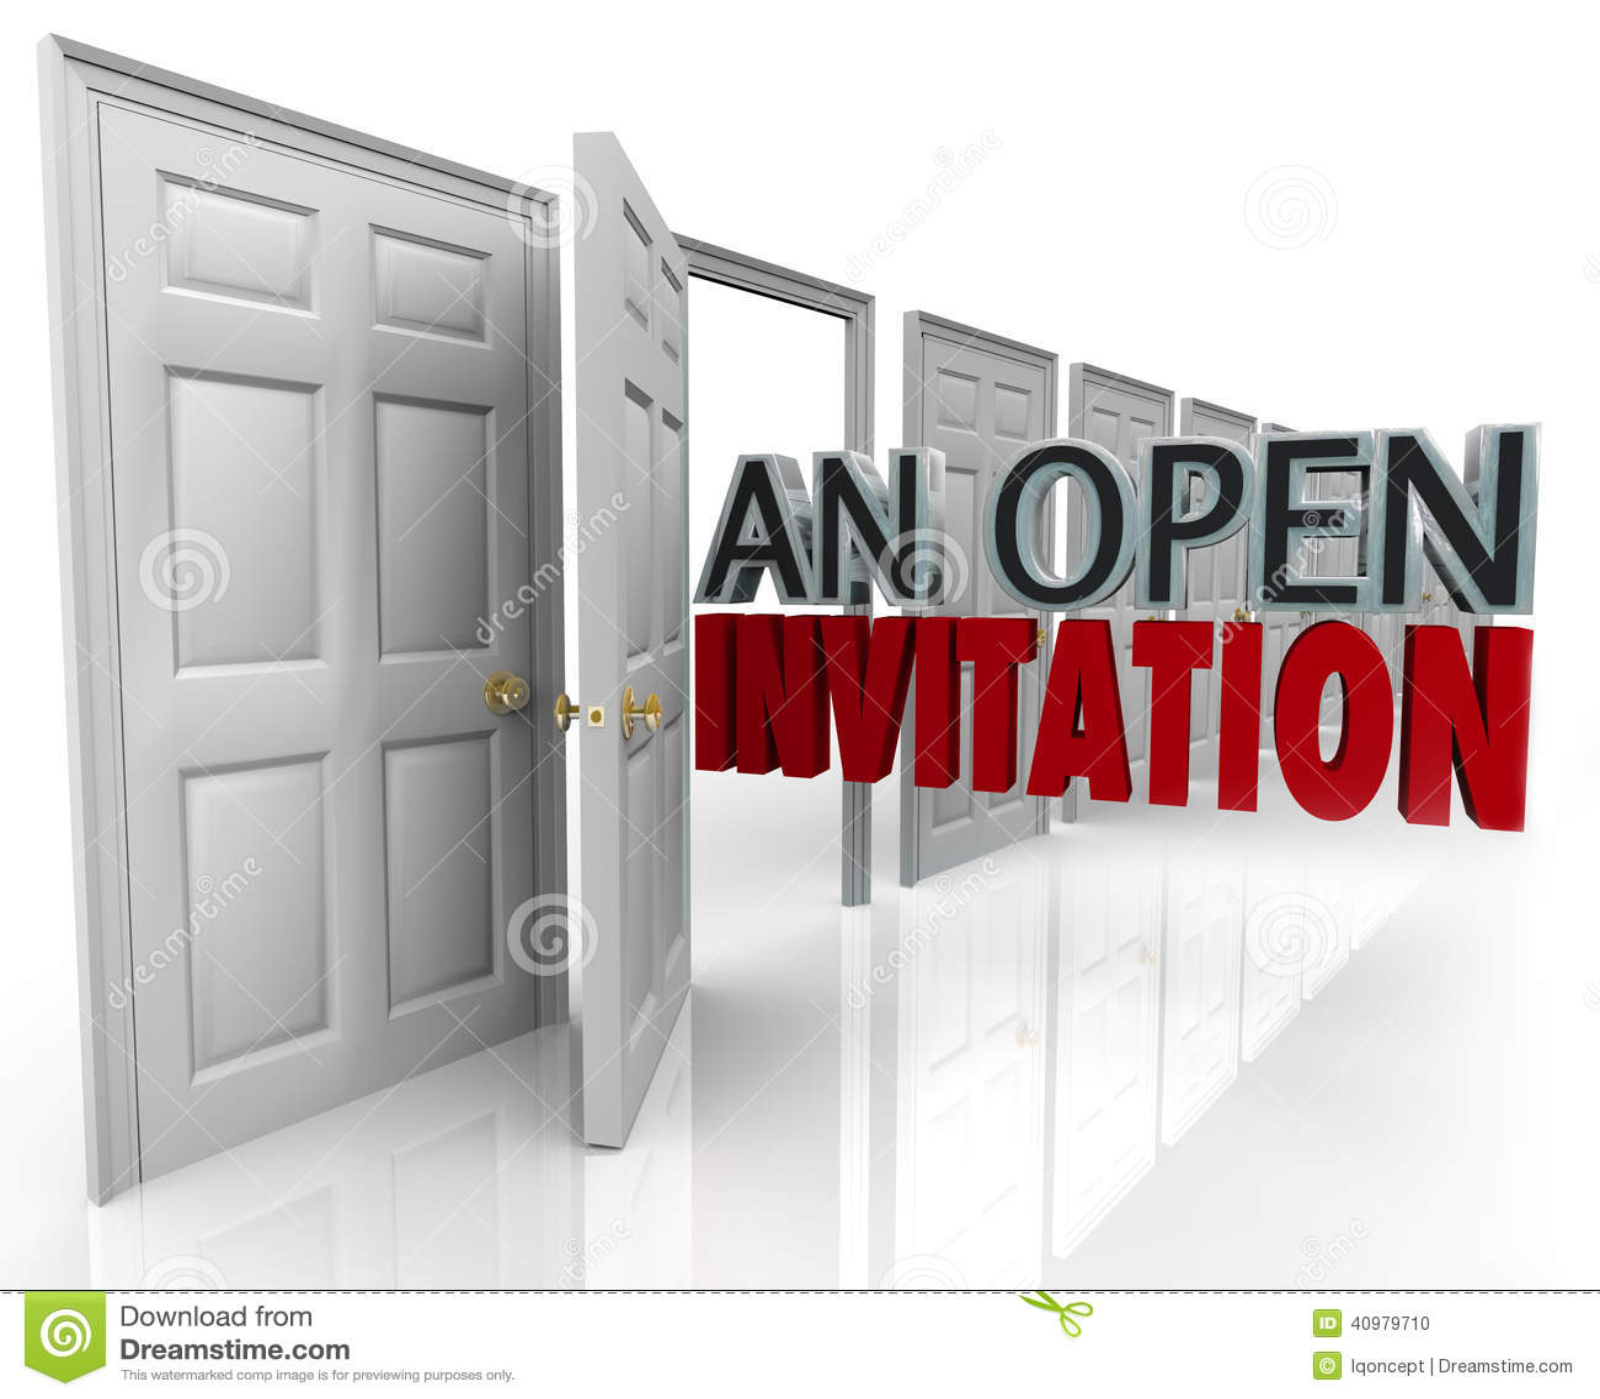 An Open Invitation Words Business Door Welcoming Customers ...